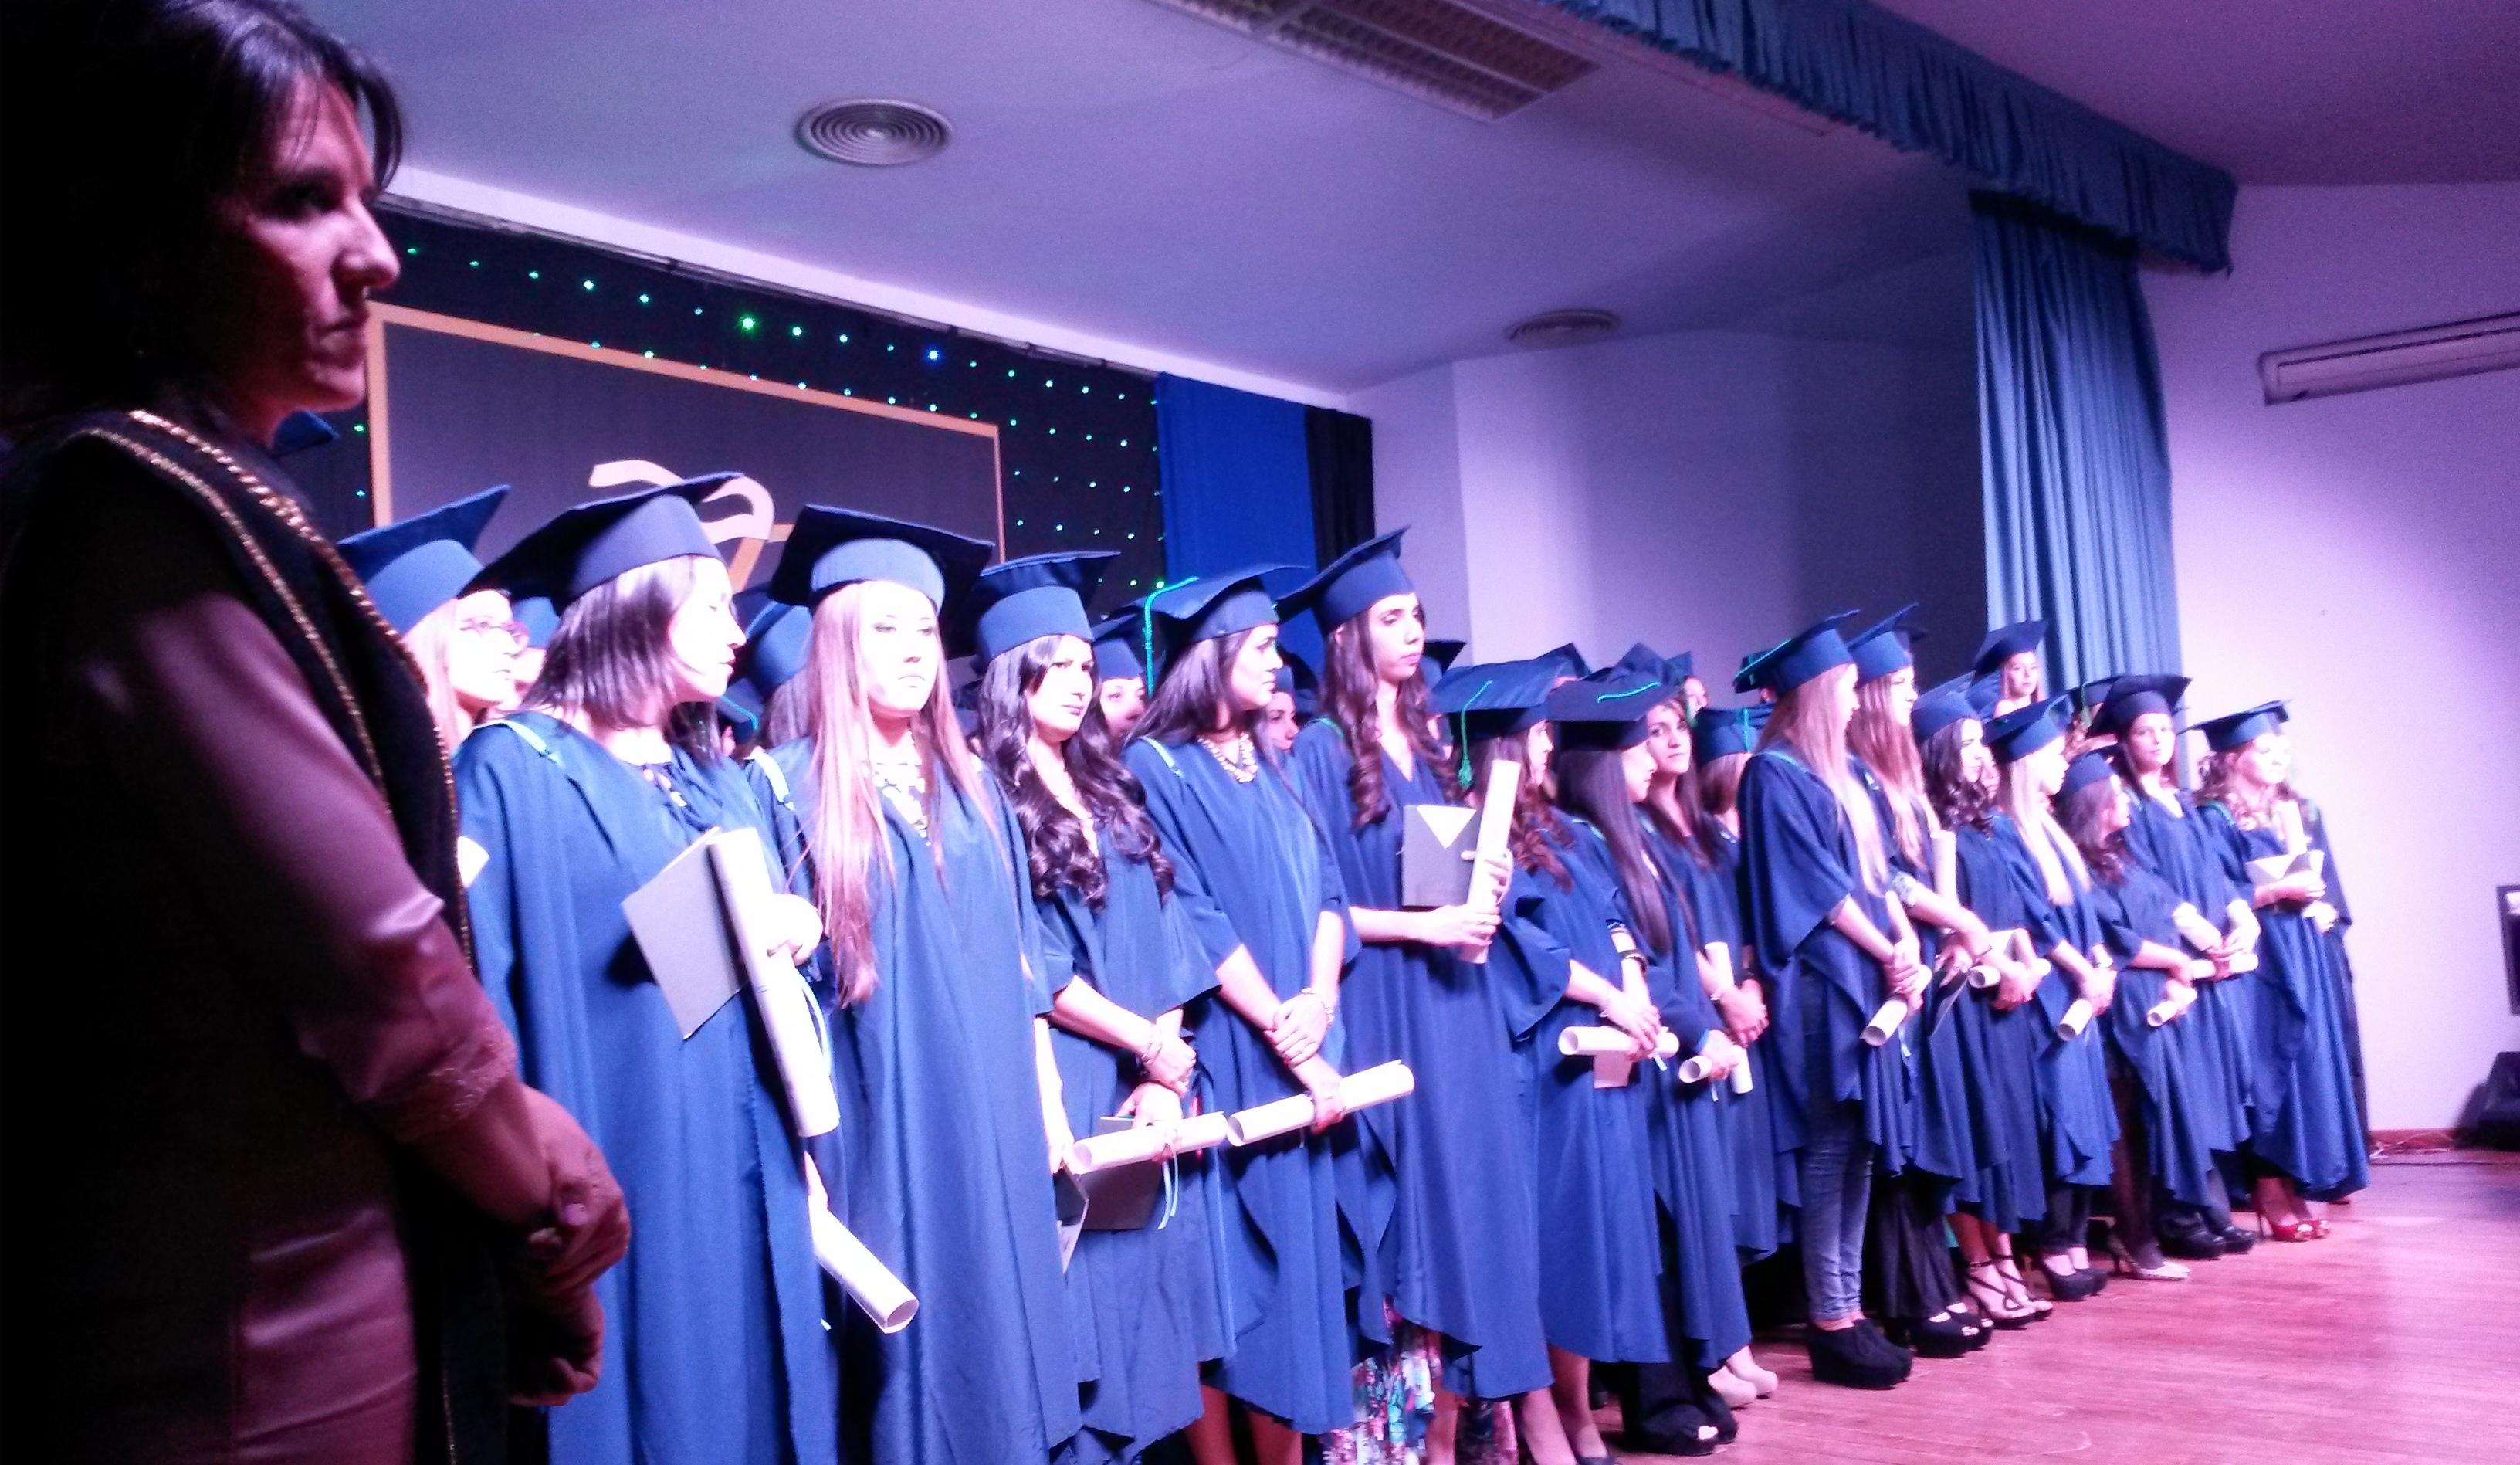 Con más de cien egresados se realizó la Colación de Grado de la Universidad de la Cuenca del Plata sede Posadas